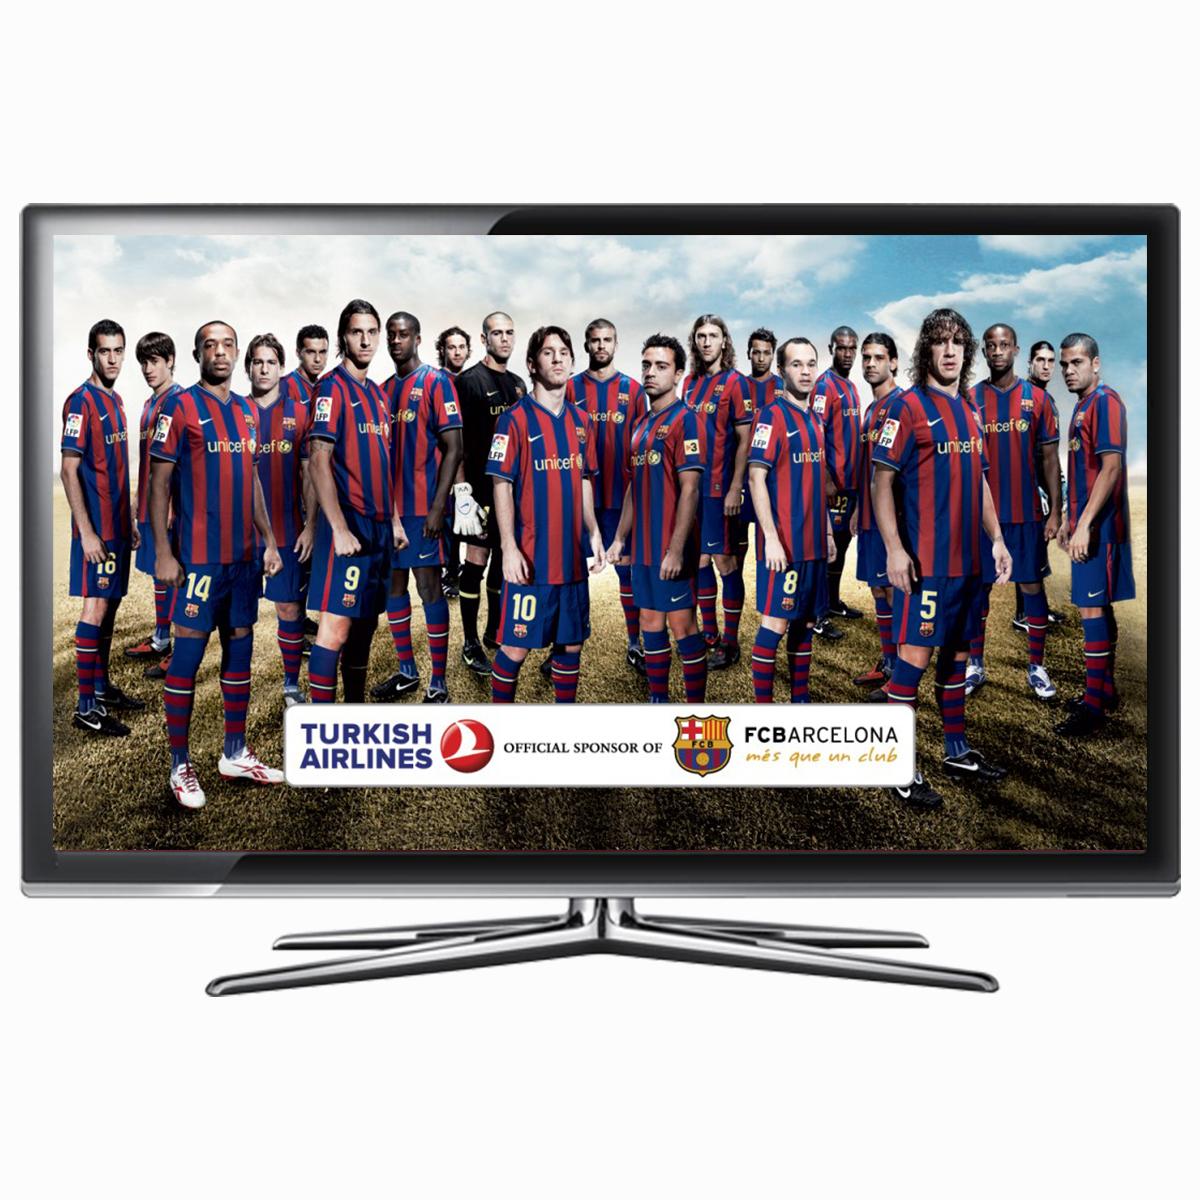 sponsorluk reklamları - medyaatak